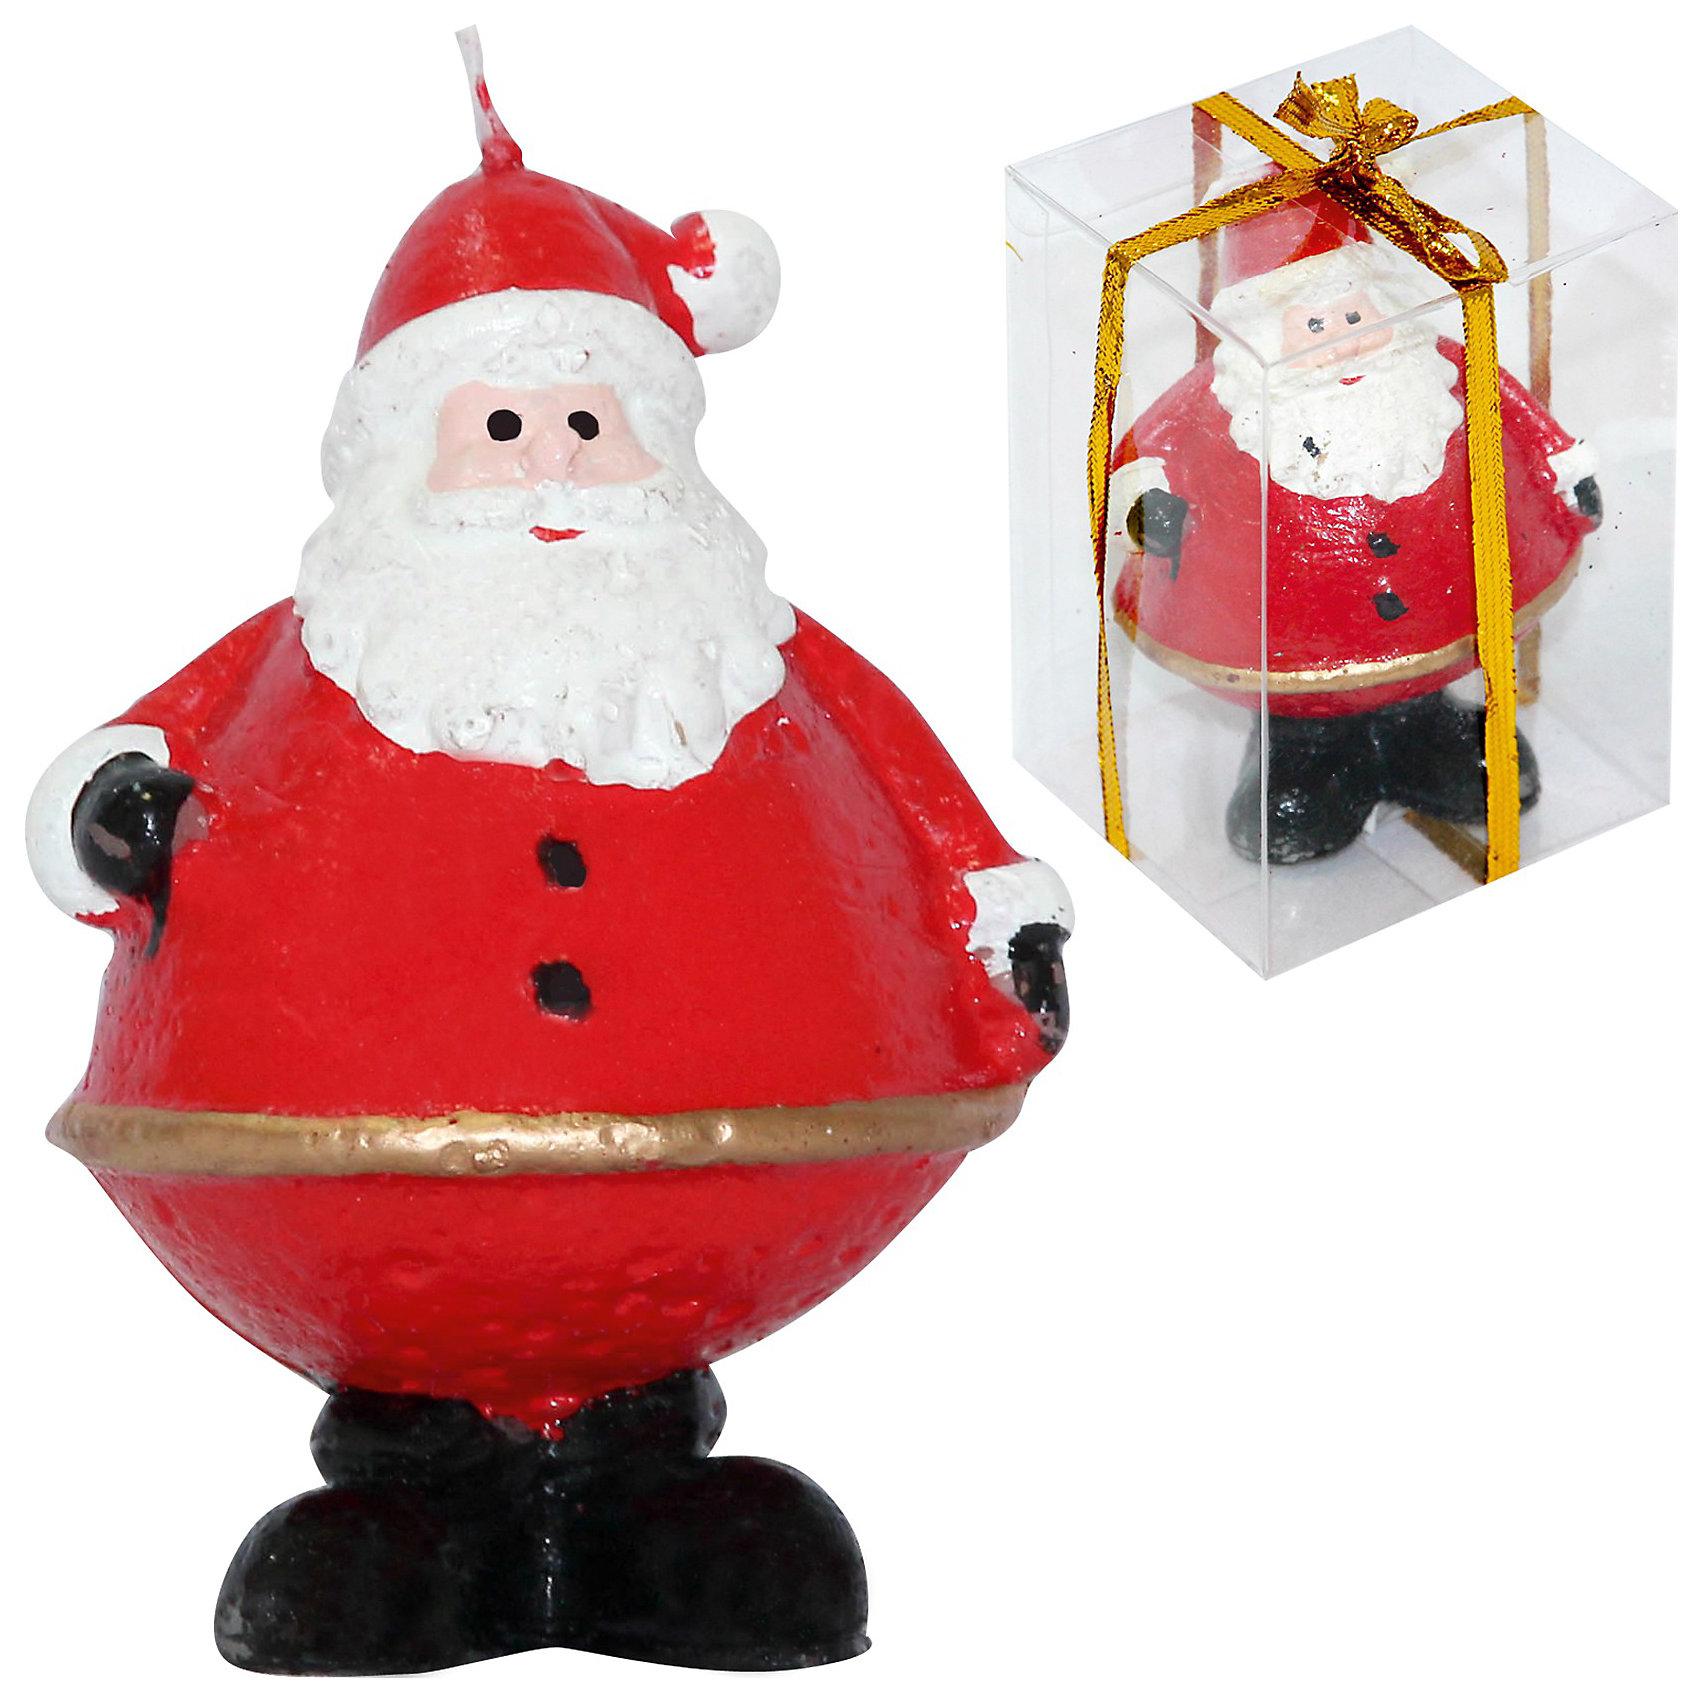 Свеча Дед МорозВсё для праздника<br>Свеча Дед Мороз, Волшебная страна станет замечательным украшением Вашего новогоднего интерьера и приятным сувениром для родных и друзей. Свечка выполнена в виде<br>фигурки веселого Деда Мороза в традиционном красном кафтане.<br><br>Дополнительная информация:<br><br>- Материал: парафин.<br>- Размер: 6,2 х 7 х 10,3 см.<br>- Вес: 151 гр. <br><br>Свечу Дед Мороз, Волшебная страна можно купить в нашем интернет-магазине.<br><br>Ширина мм: 420<br>Глубина мм: 70<br>Высота мм: 100<br>Вес г: 151<br>Возраст от месяцев: 60<br>Возраст до месяцев: 180<br>Пол: Унисекс<br>Возраст: Детский<br>SKU: 3791424